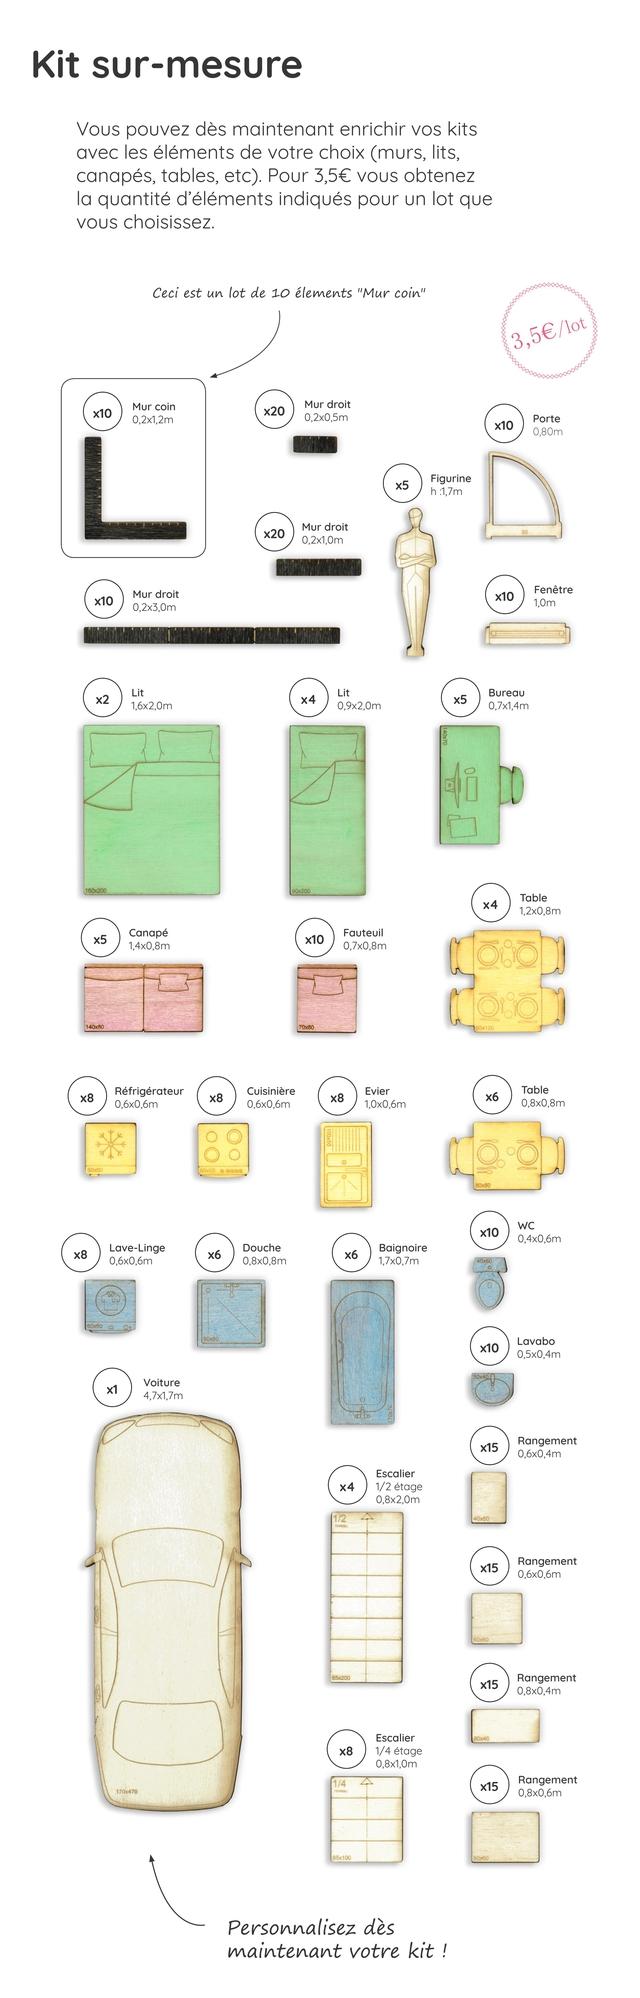 """Kit sur-mesure Vous pouvez des maintenant enrichir VOS kits avec les elements de votre choix (murs, lits, canapes, tables, etc). Pour 3,56 VOUS obtenez la quantite d'elements indiques pour un lot que VOUS choisissez. Ceci est un lot de 10 elements """"Mur coin"""" Mur coin x20 Mur droit x10 0,2x1.2m 0.2x0,5m Porte x10 0,80m x5 Figurine :1.7m Mur droit x20 0,2x1,0m Mur droit Fenetre x10 x10 0,2x3,0m 1,0m Lit Lit Bureau x2 1,6x2,0m x4 0,9x2,0m x5 0.7x1,4m Table x4 1.2x0,8m x5 Canape Fauteuil 1,4x0,8m x10 0,7x0,8m 140x80 U 70x80 Refrigerateur Cuisiniere Evier Table x8 x8 x8 x6 0,6x0.6m 0.6x0.6m 1,0x0.6m 0,8x0,8m 80x80 WC x10 0,4x0,6m Lave-Linge Douche Baignoire x8 0,6x0,6m x6 0,8x0,8m x6 1,7x0,7m Lavabo x10 0,5x0,4m Voiture x1 4,7x1,7m x15 Rangement 0.6x0,4m Escalier x4 1/2 etage 0,8x2,0m 12 x15 Rangement 0.6x0.6m x15 Rangement 0,8x0,4m Escalier x8 1/4 etage 0.8x1,0m x15 Rangement 0,8x0,6m Personnalisez des maintenant votre kit"""